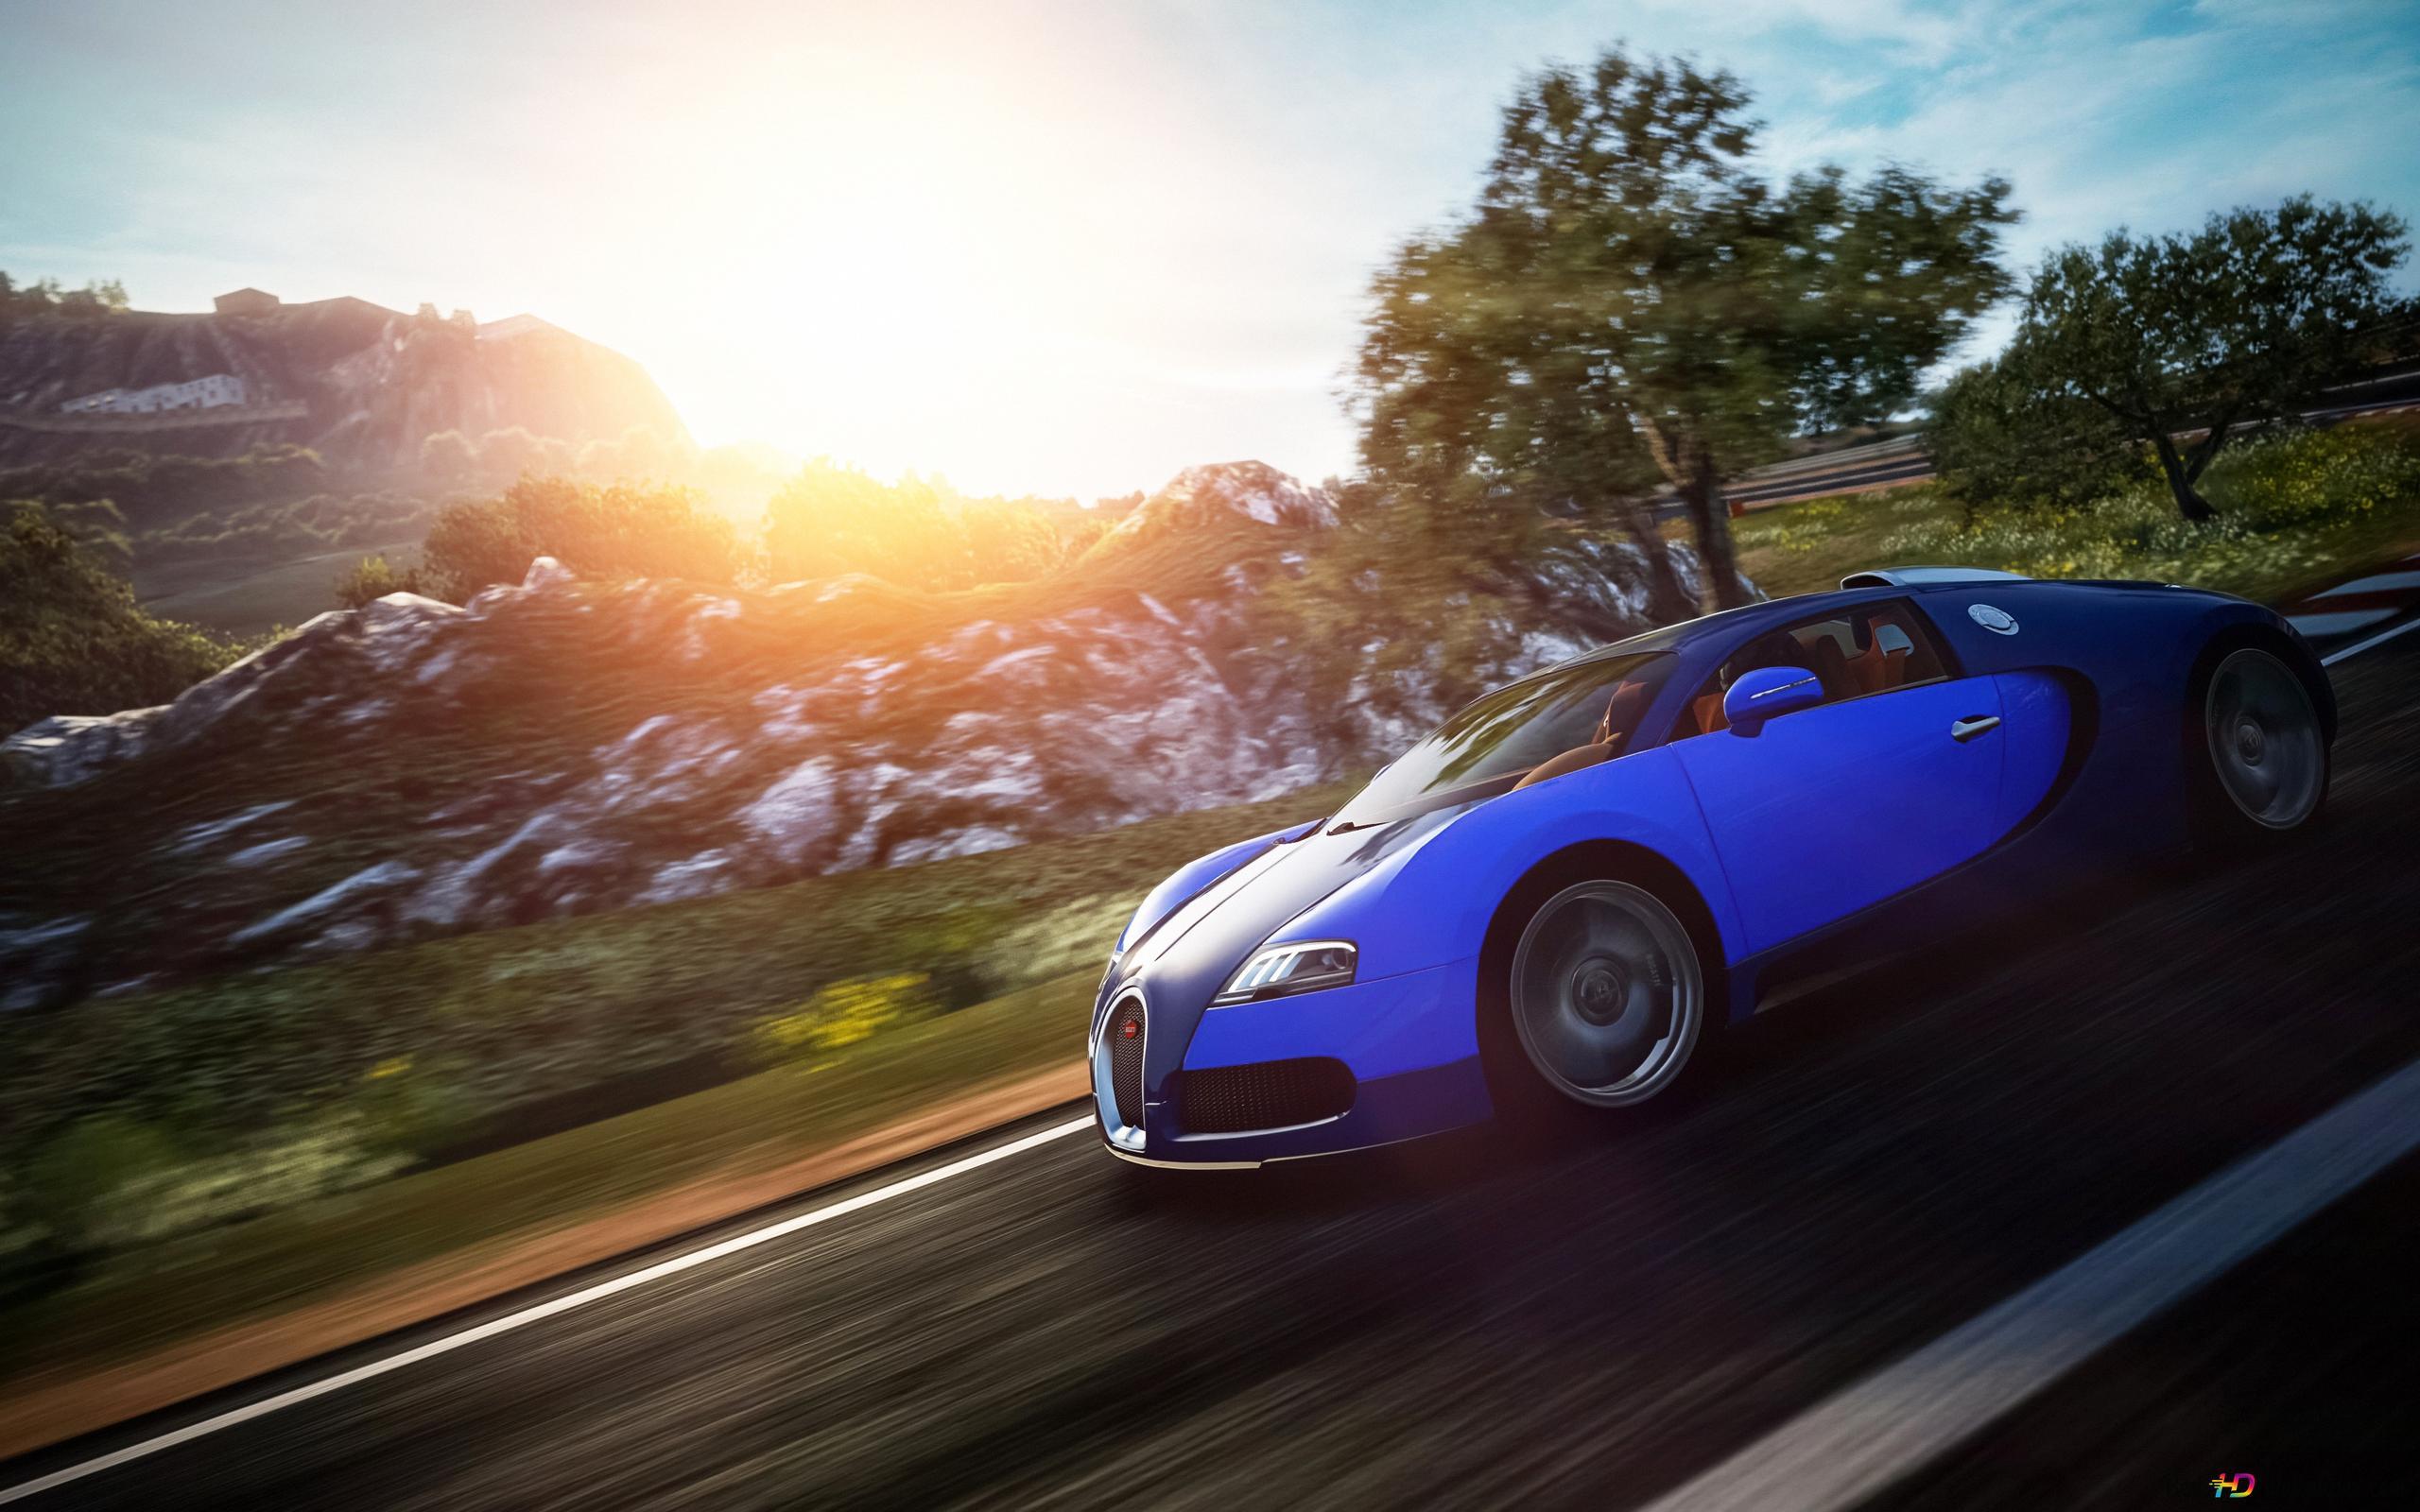 Bugatti Veyron Hd Wallpaper Download